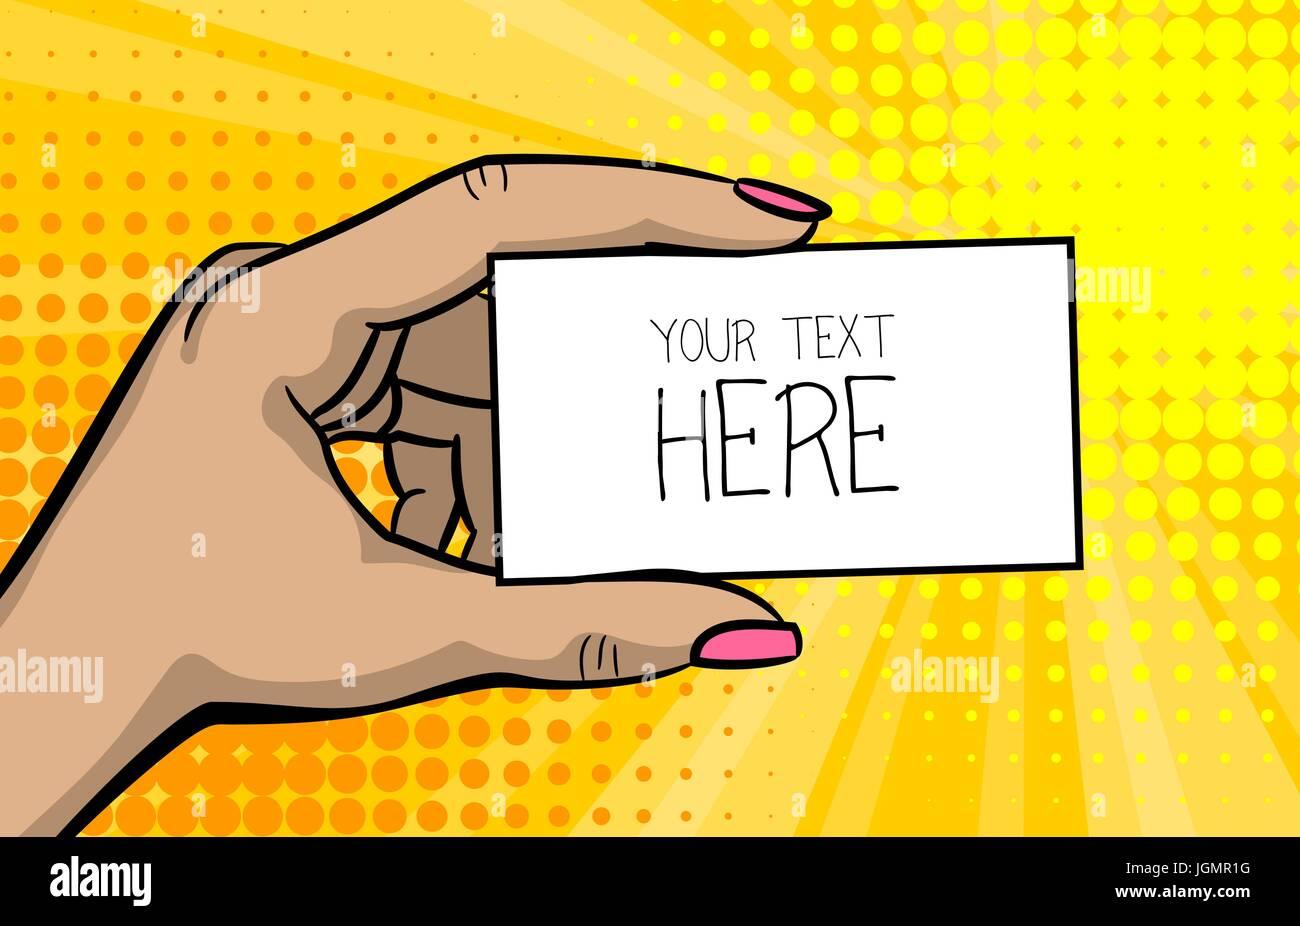 Pop art comic text business card girl woman hand stock vector art pop art comic text business card girl woman hand colourmoves